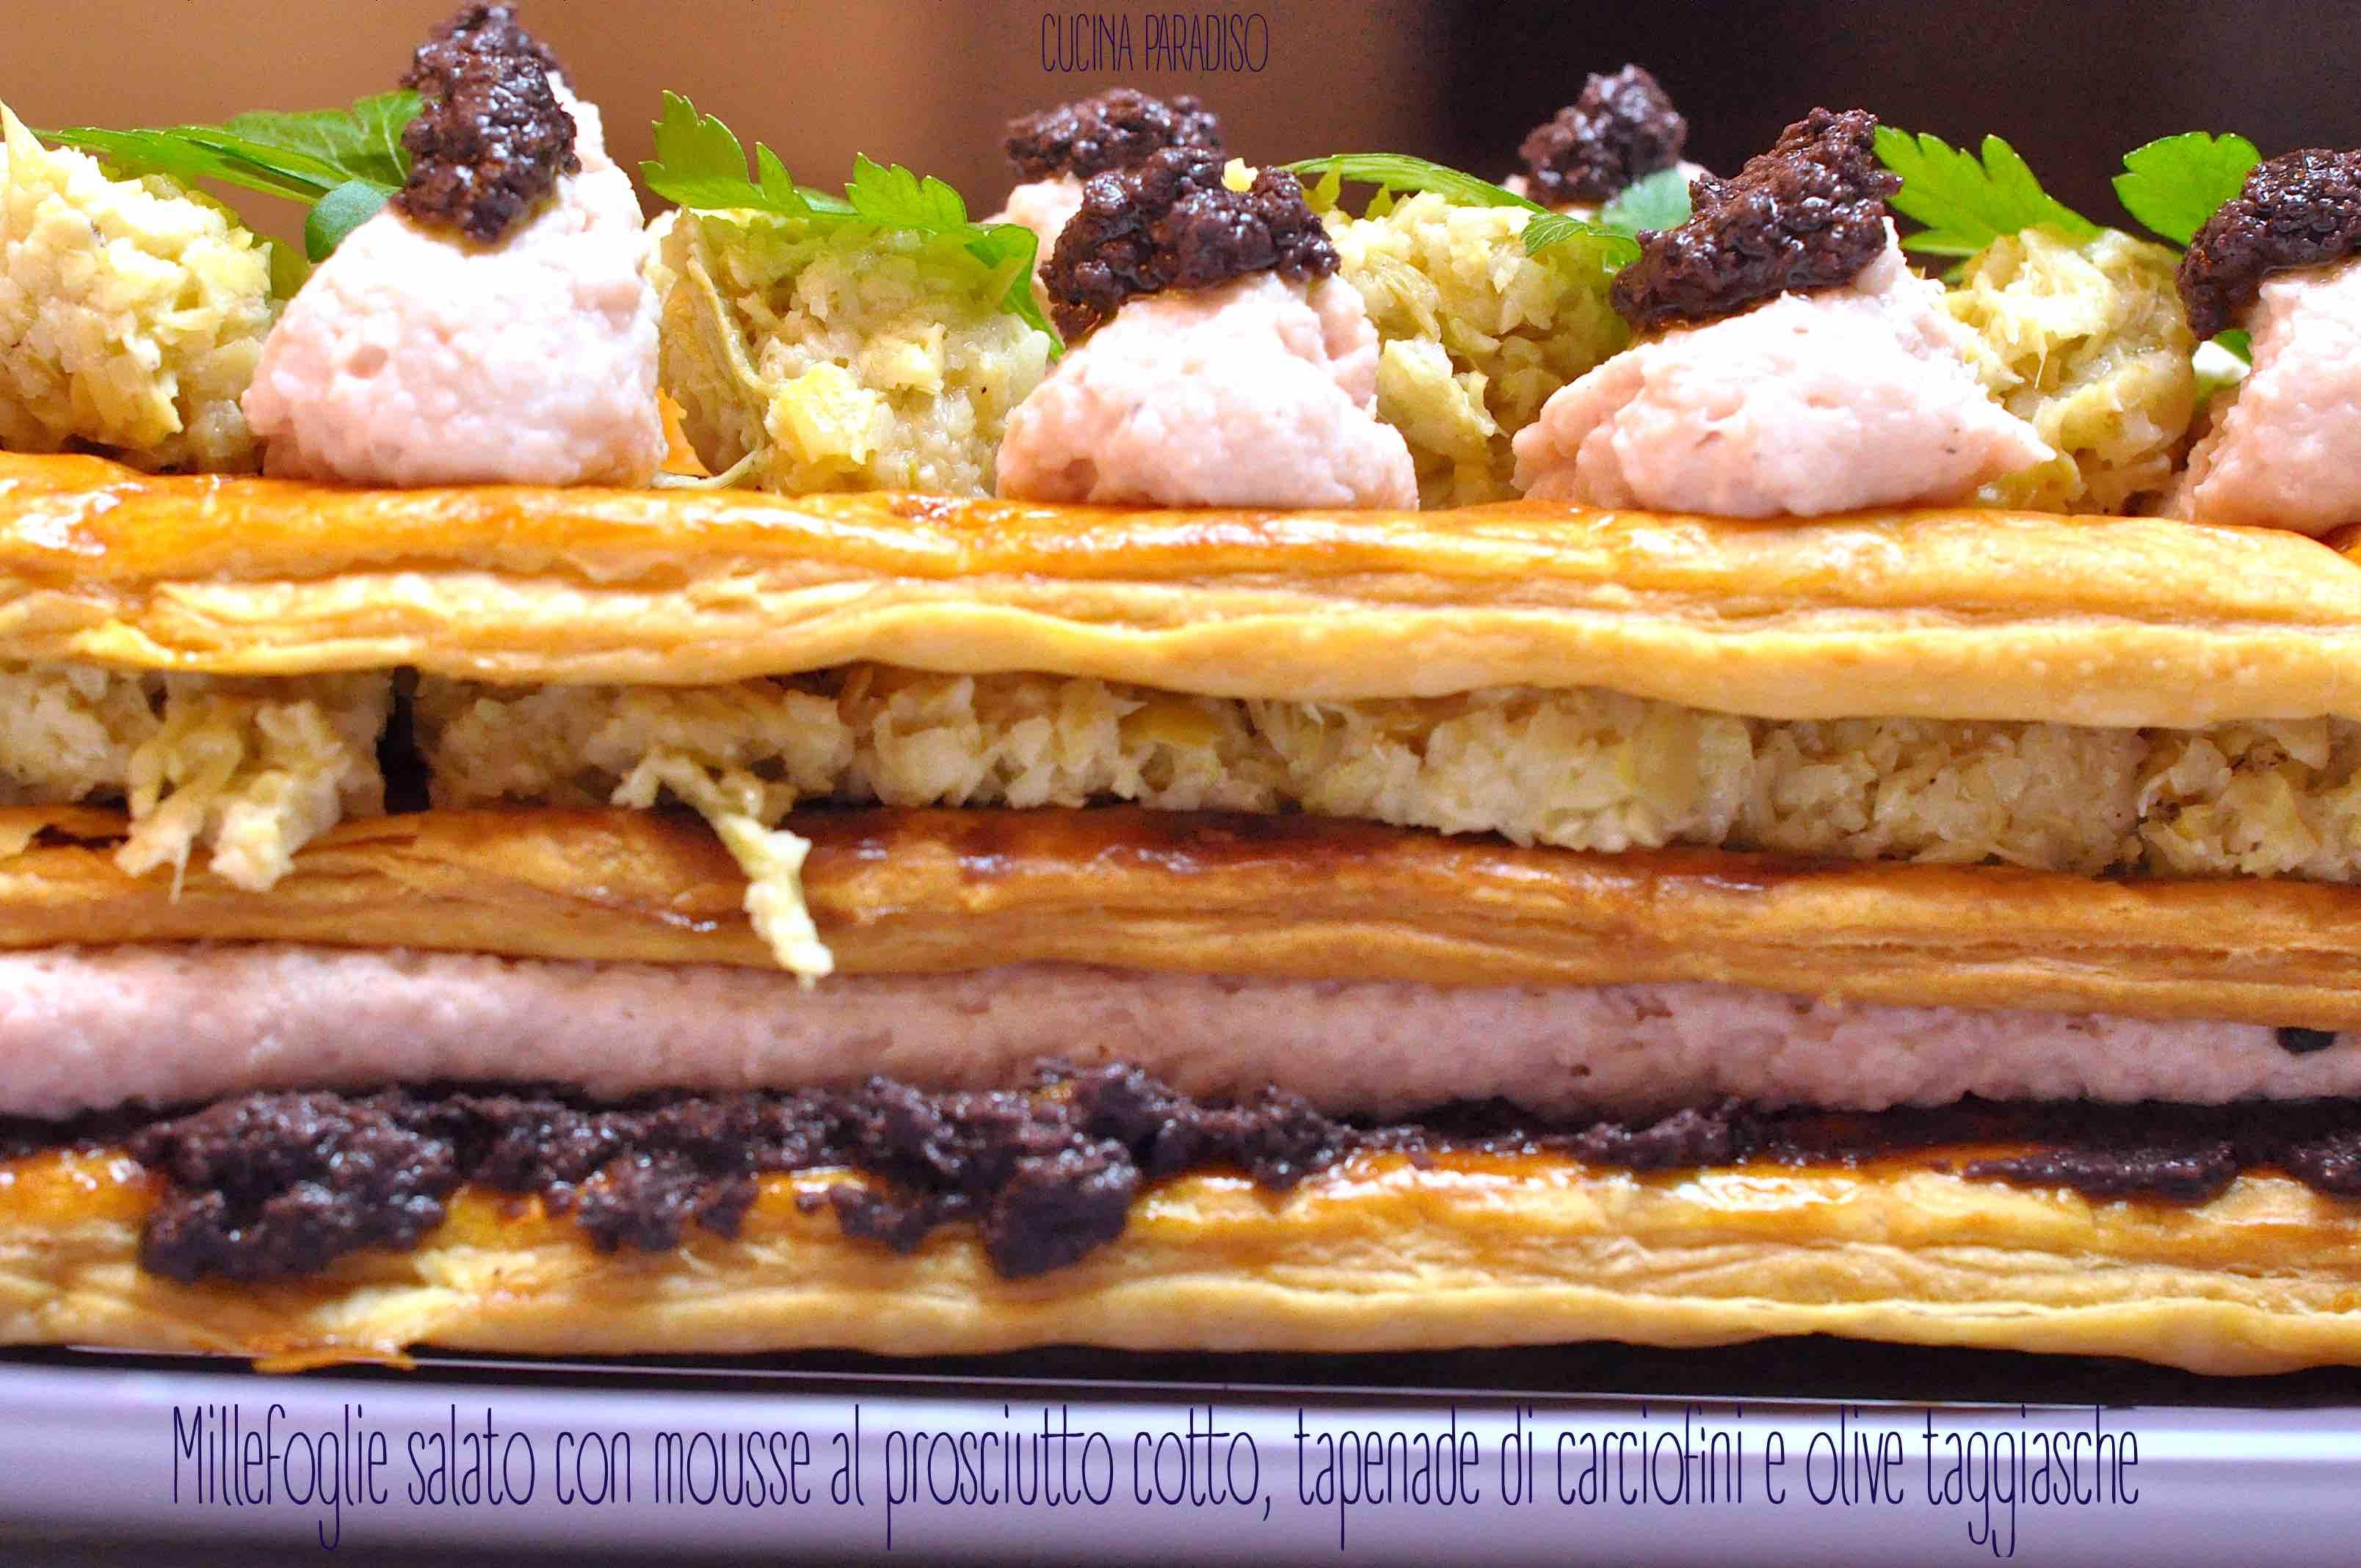 Millefoglie salato con mousse al prosciutto cotto, tapenade di carciofini e olive taggiasche